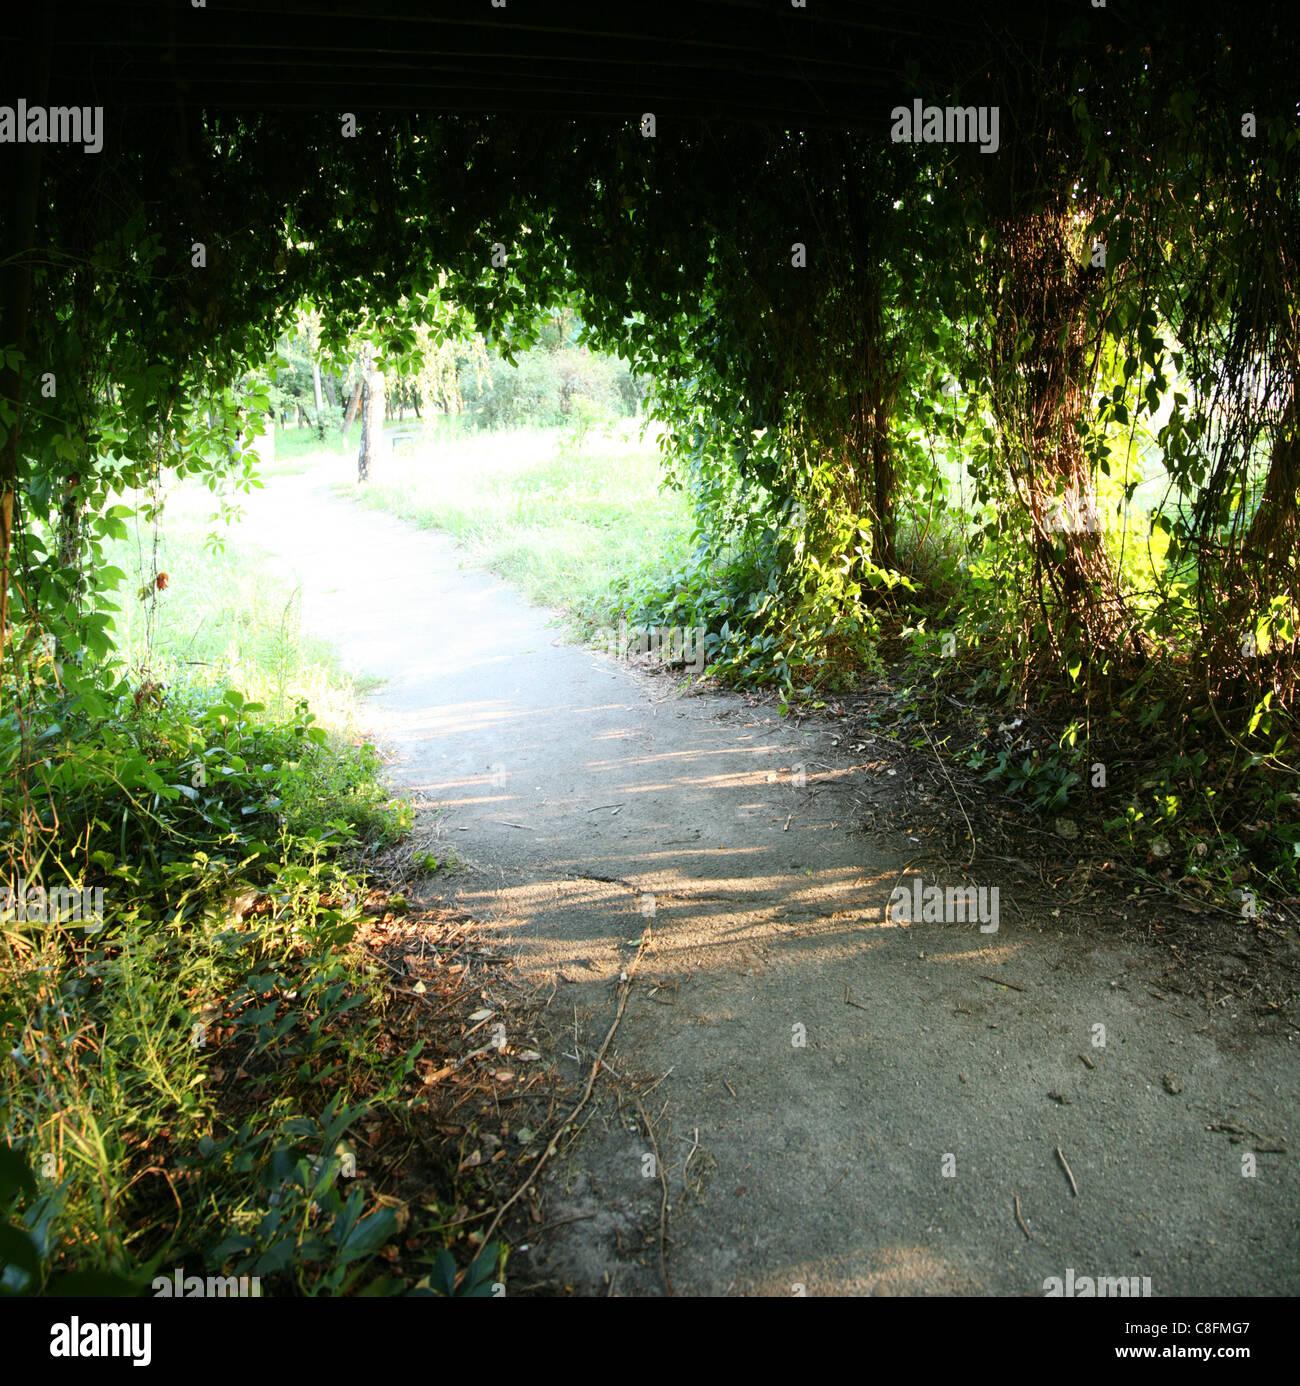 La escena del parque. Los árboles forman un arco. Imagen De Stock